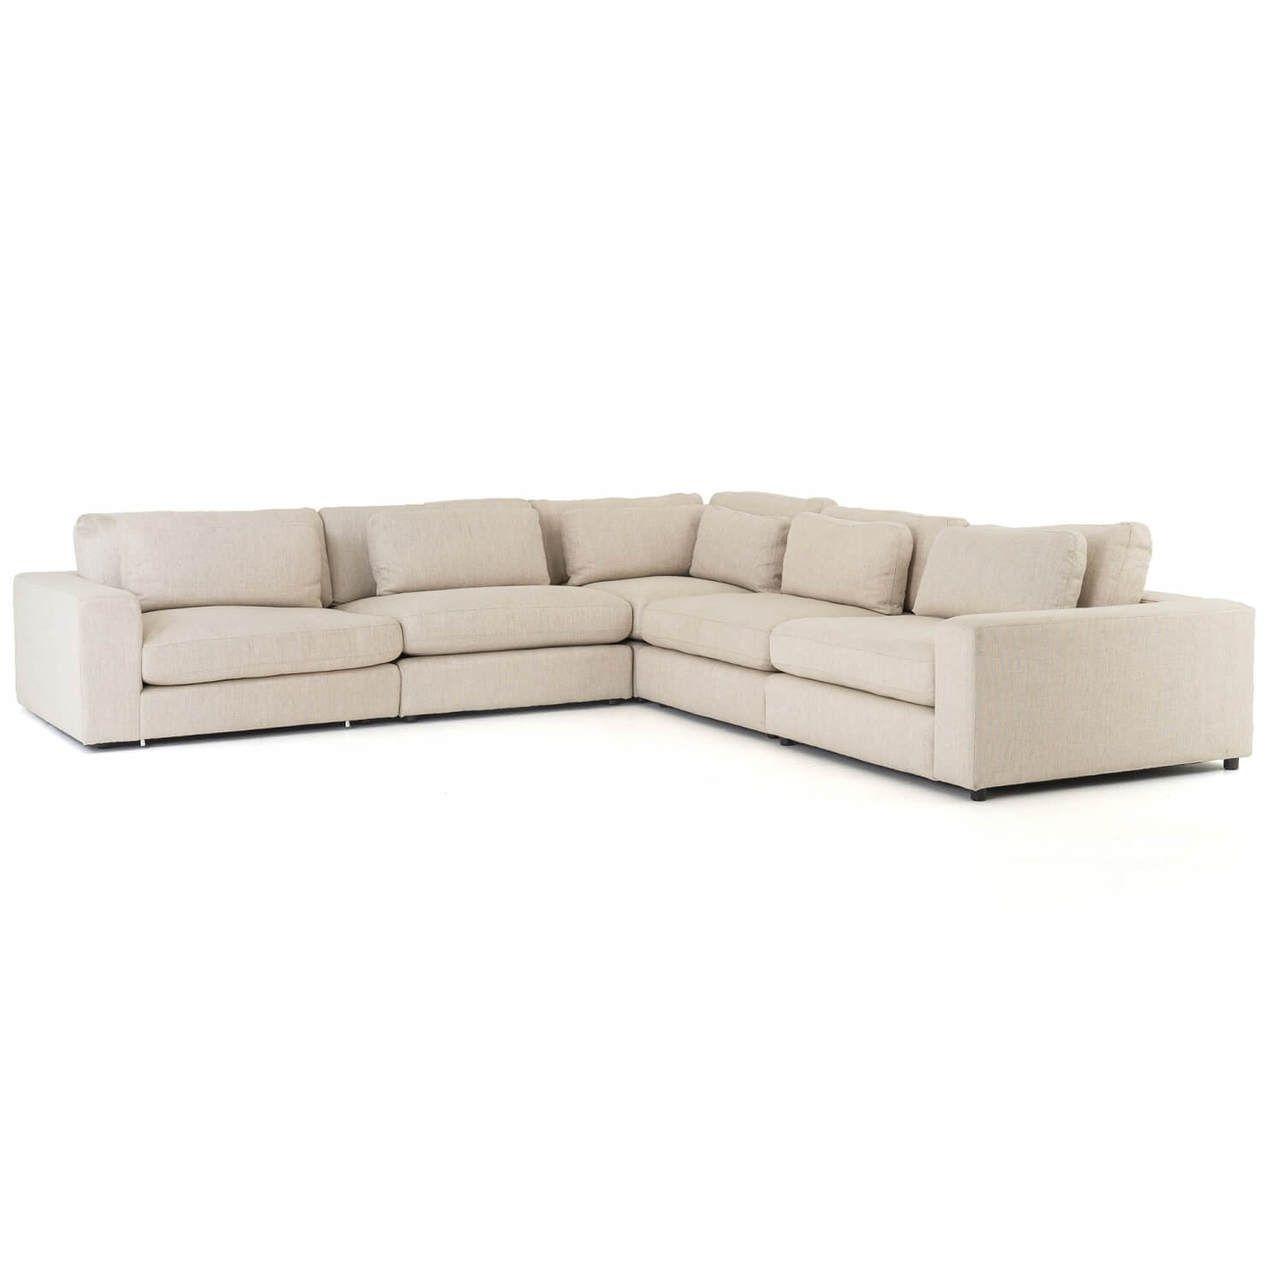 Bloor Contemporary Beige 5 Piece Corner Sectional Sofas 131 In 2020 Corner Sectional Sofa Sectional Sofa Corner Sectional